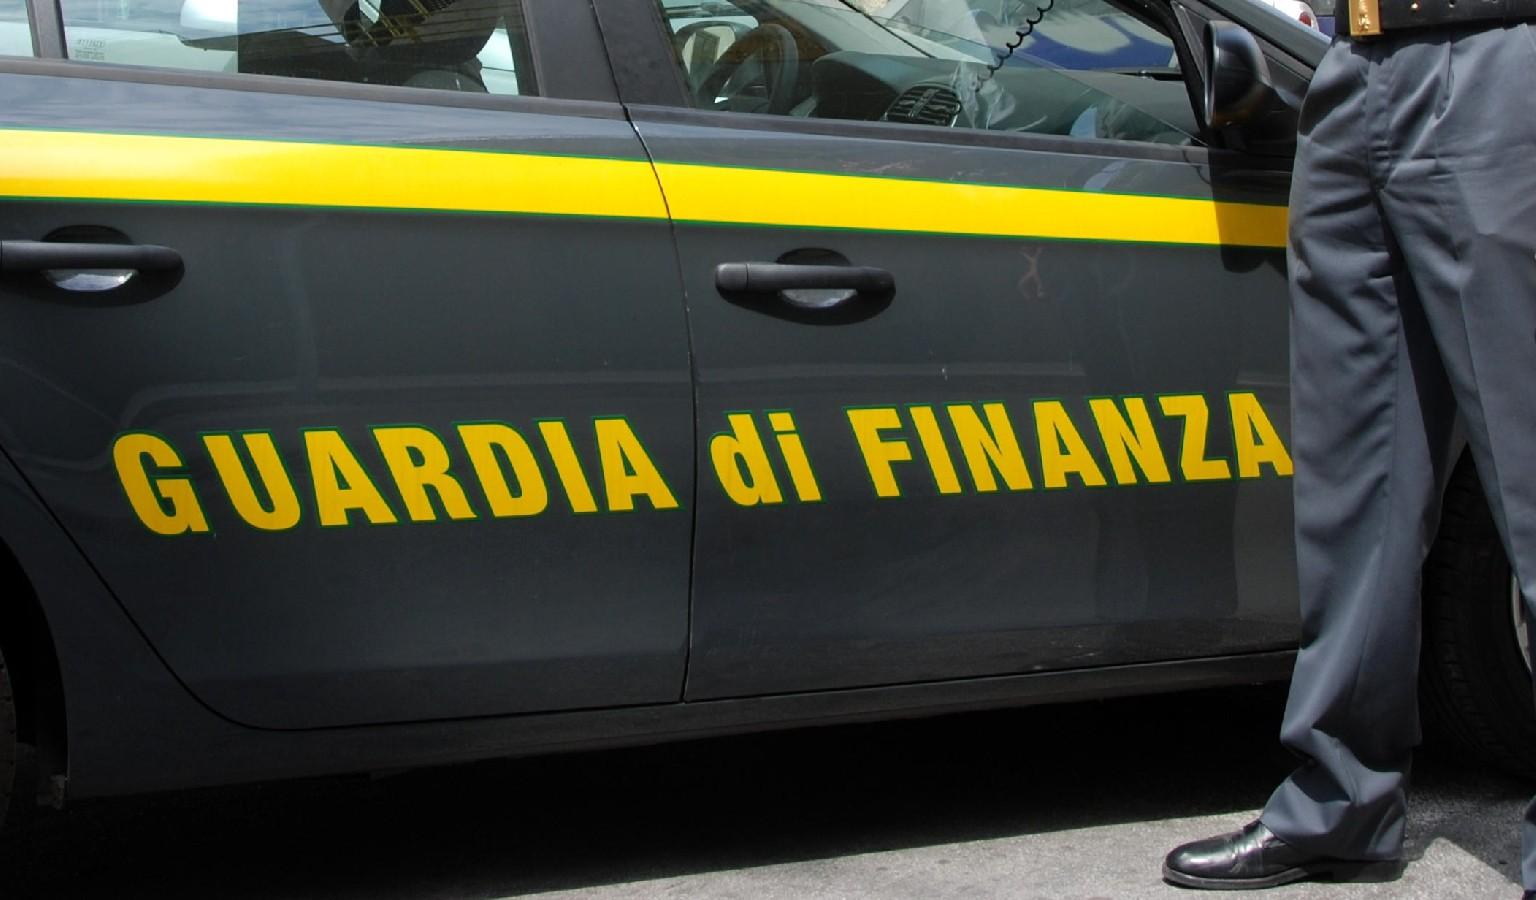 Frode da 14mln nelle energie: 6 misure cautelari in Calabria